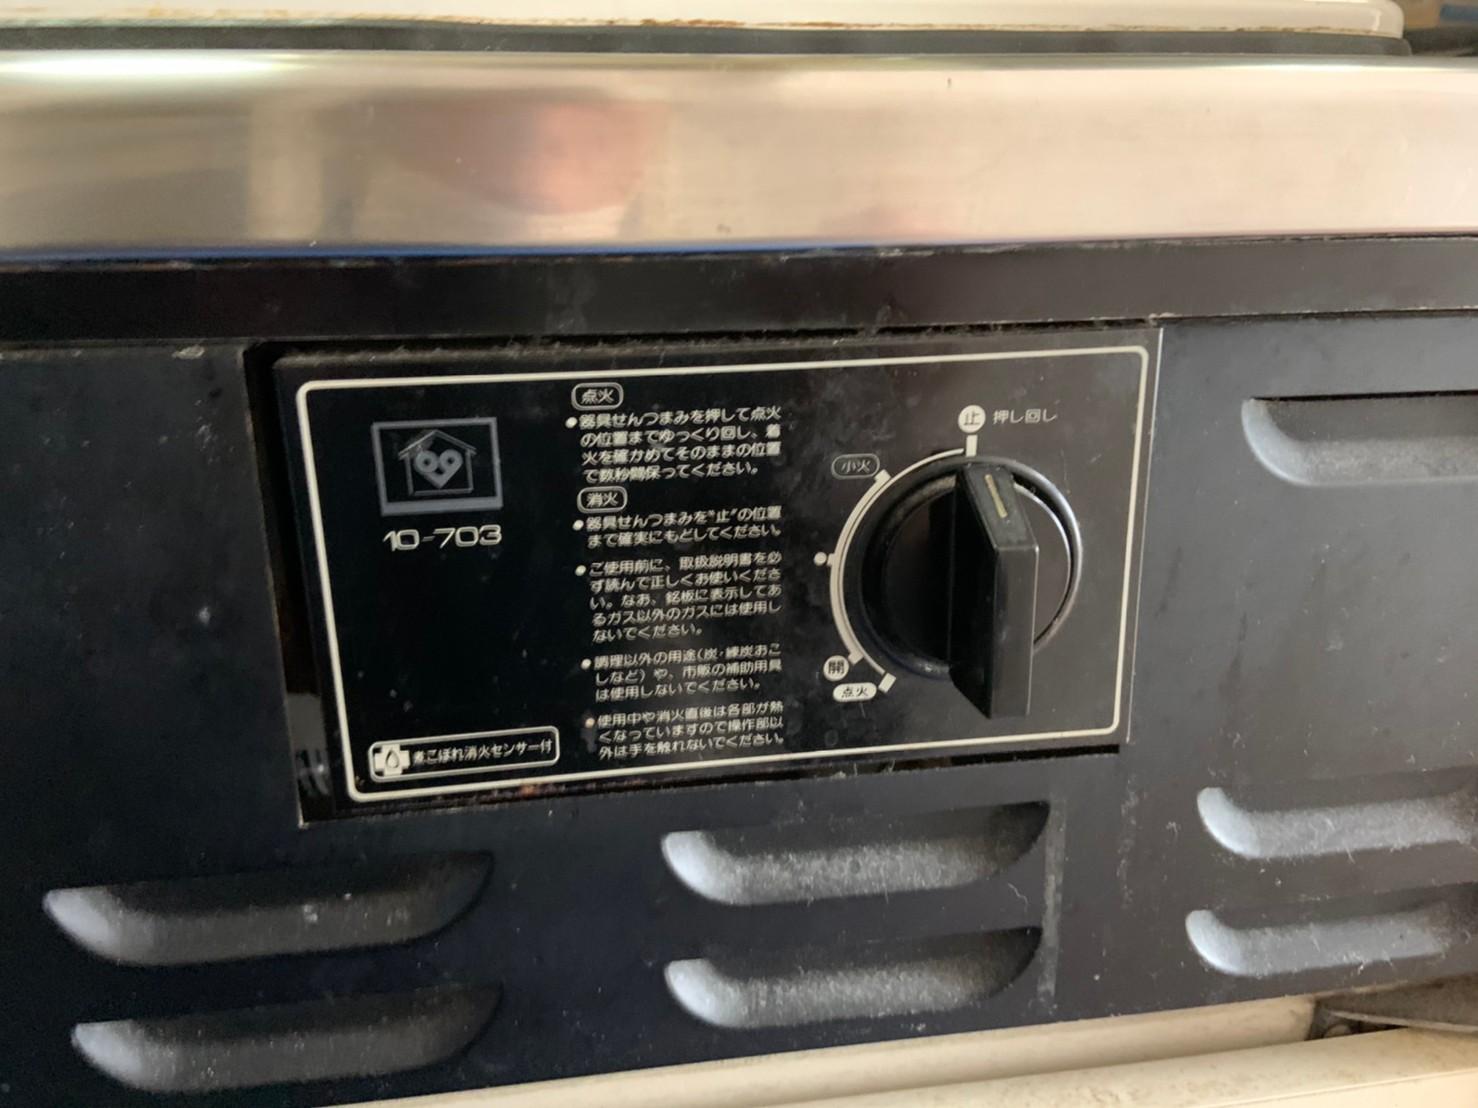 ミニキッチン一口ガスコンロの交換 ノーリツ N1C04KSA 京都市下京区